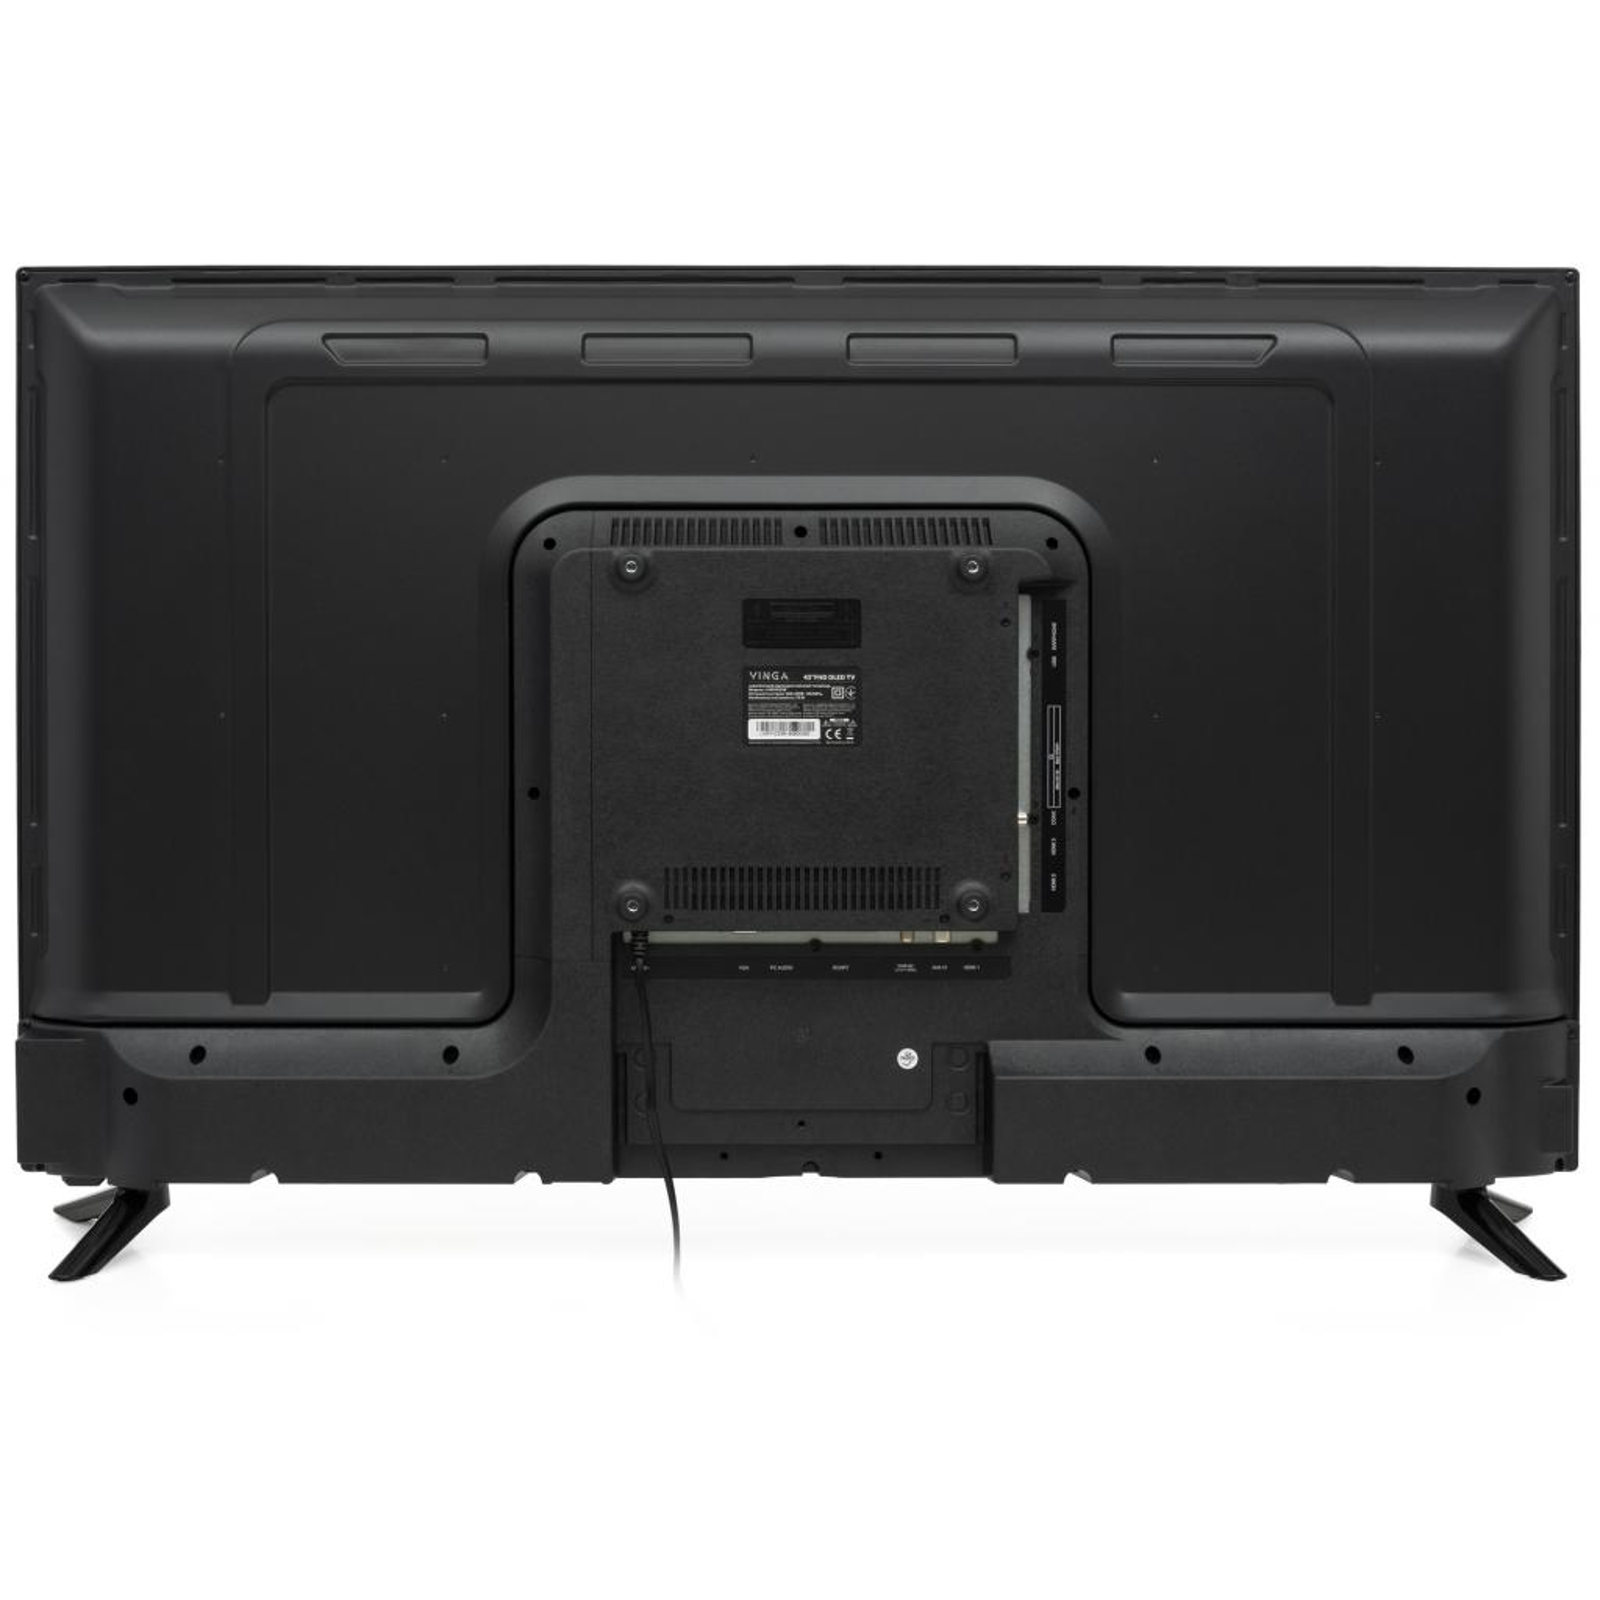 Телевизор Vinga L43FHD23B изображение 6